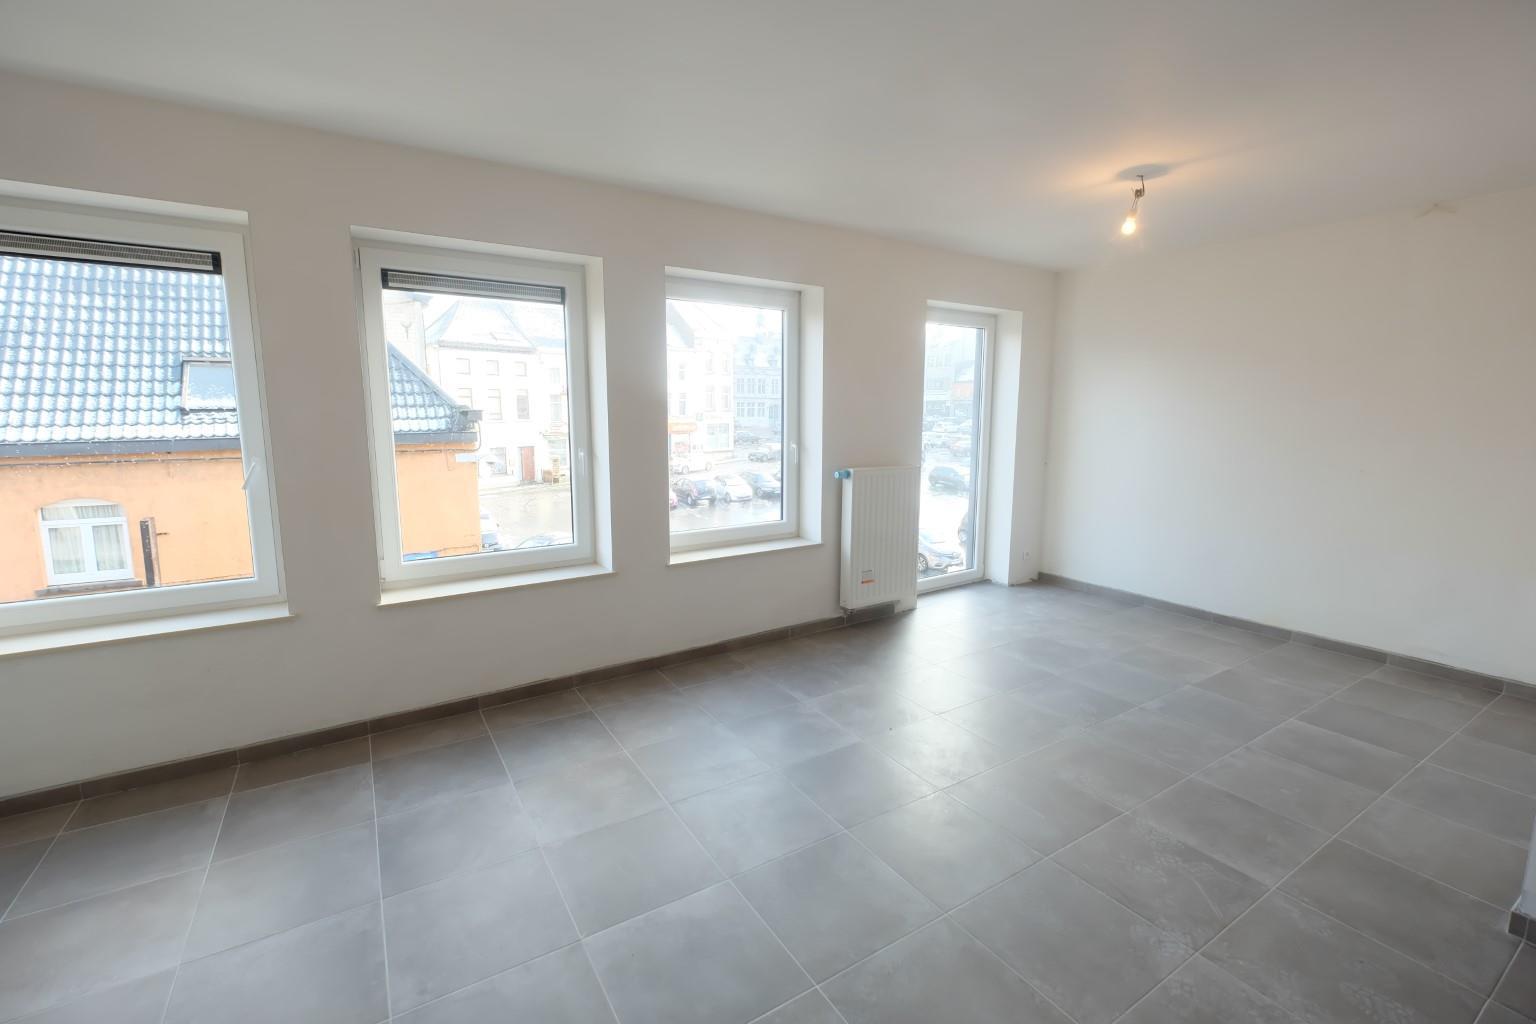 Appartement - Braine-le-Comte - #3249013-0